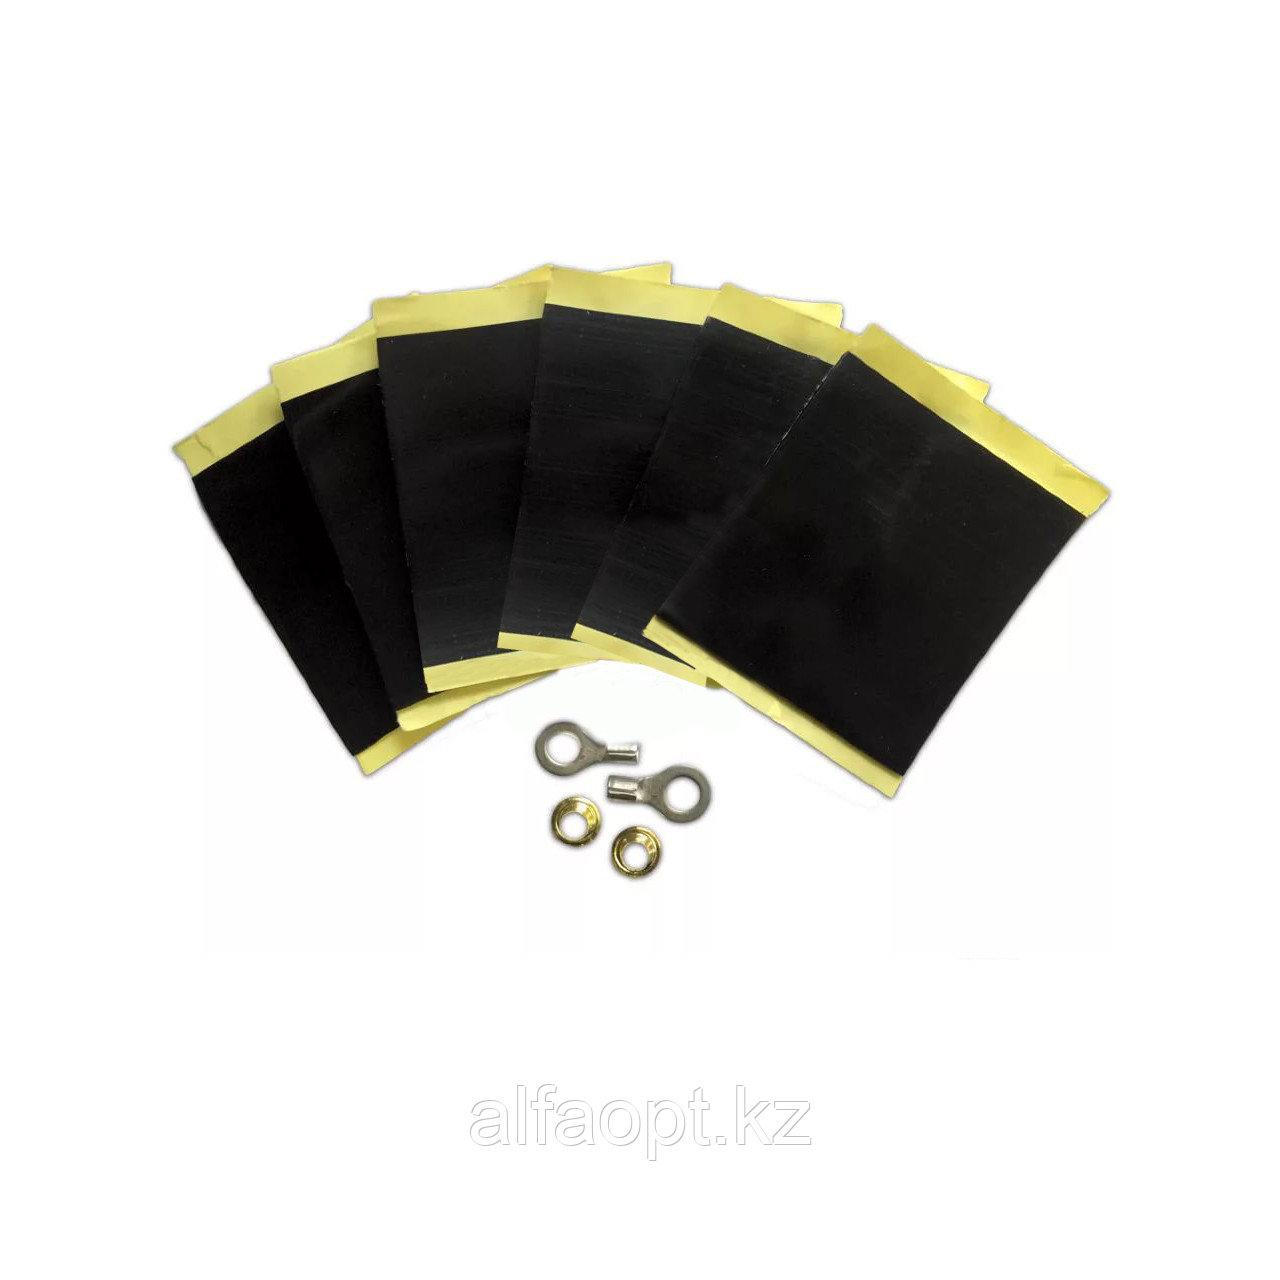 Комплект заделок для ИК плёнки №2 (кольца)